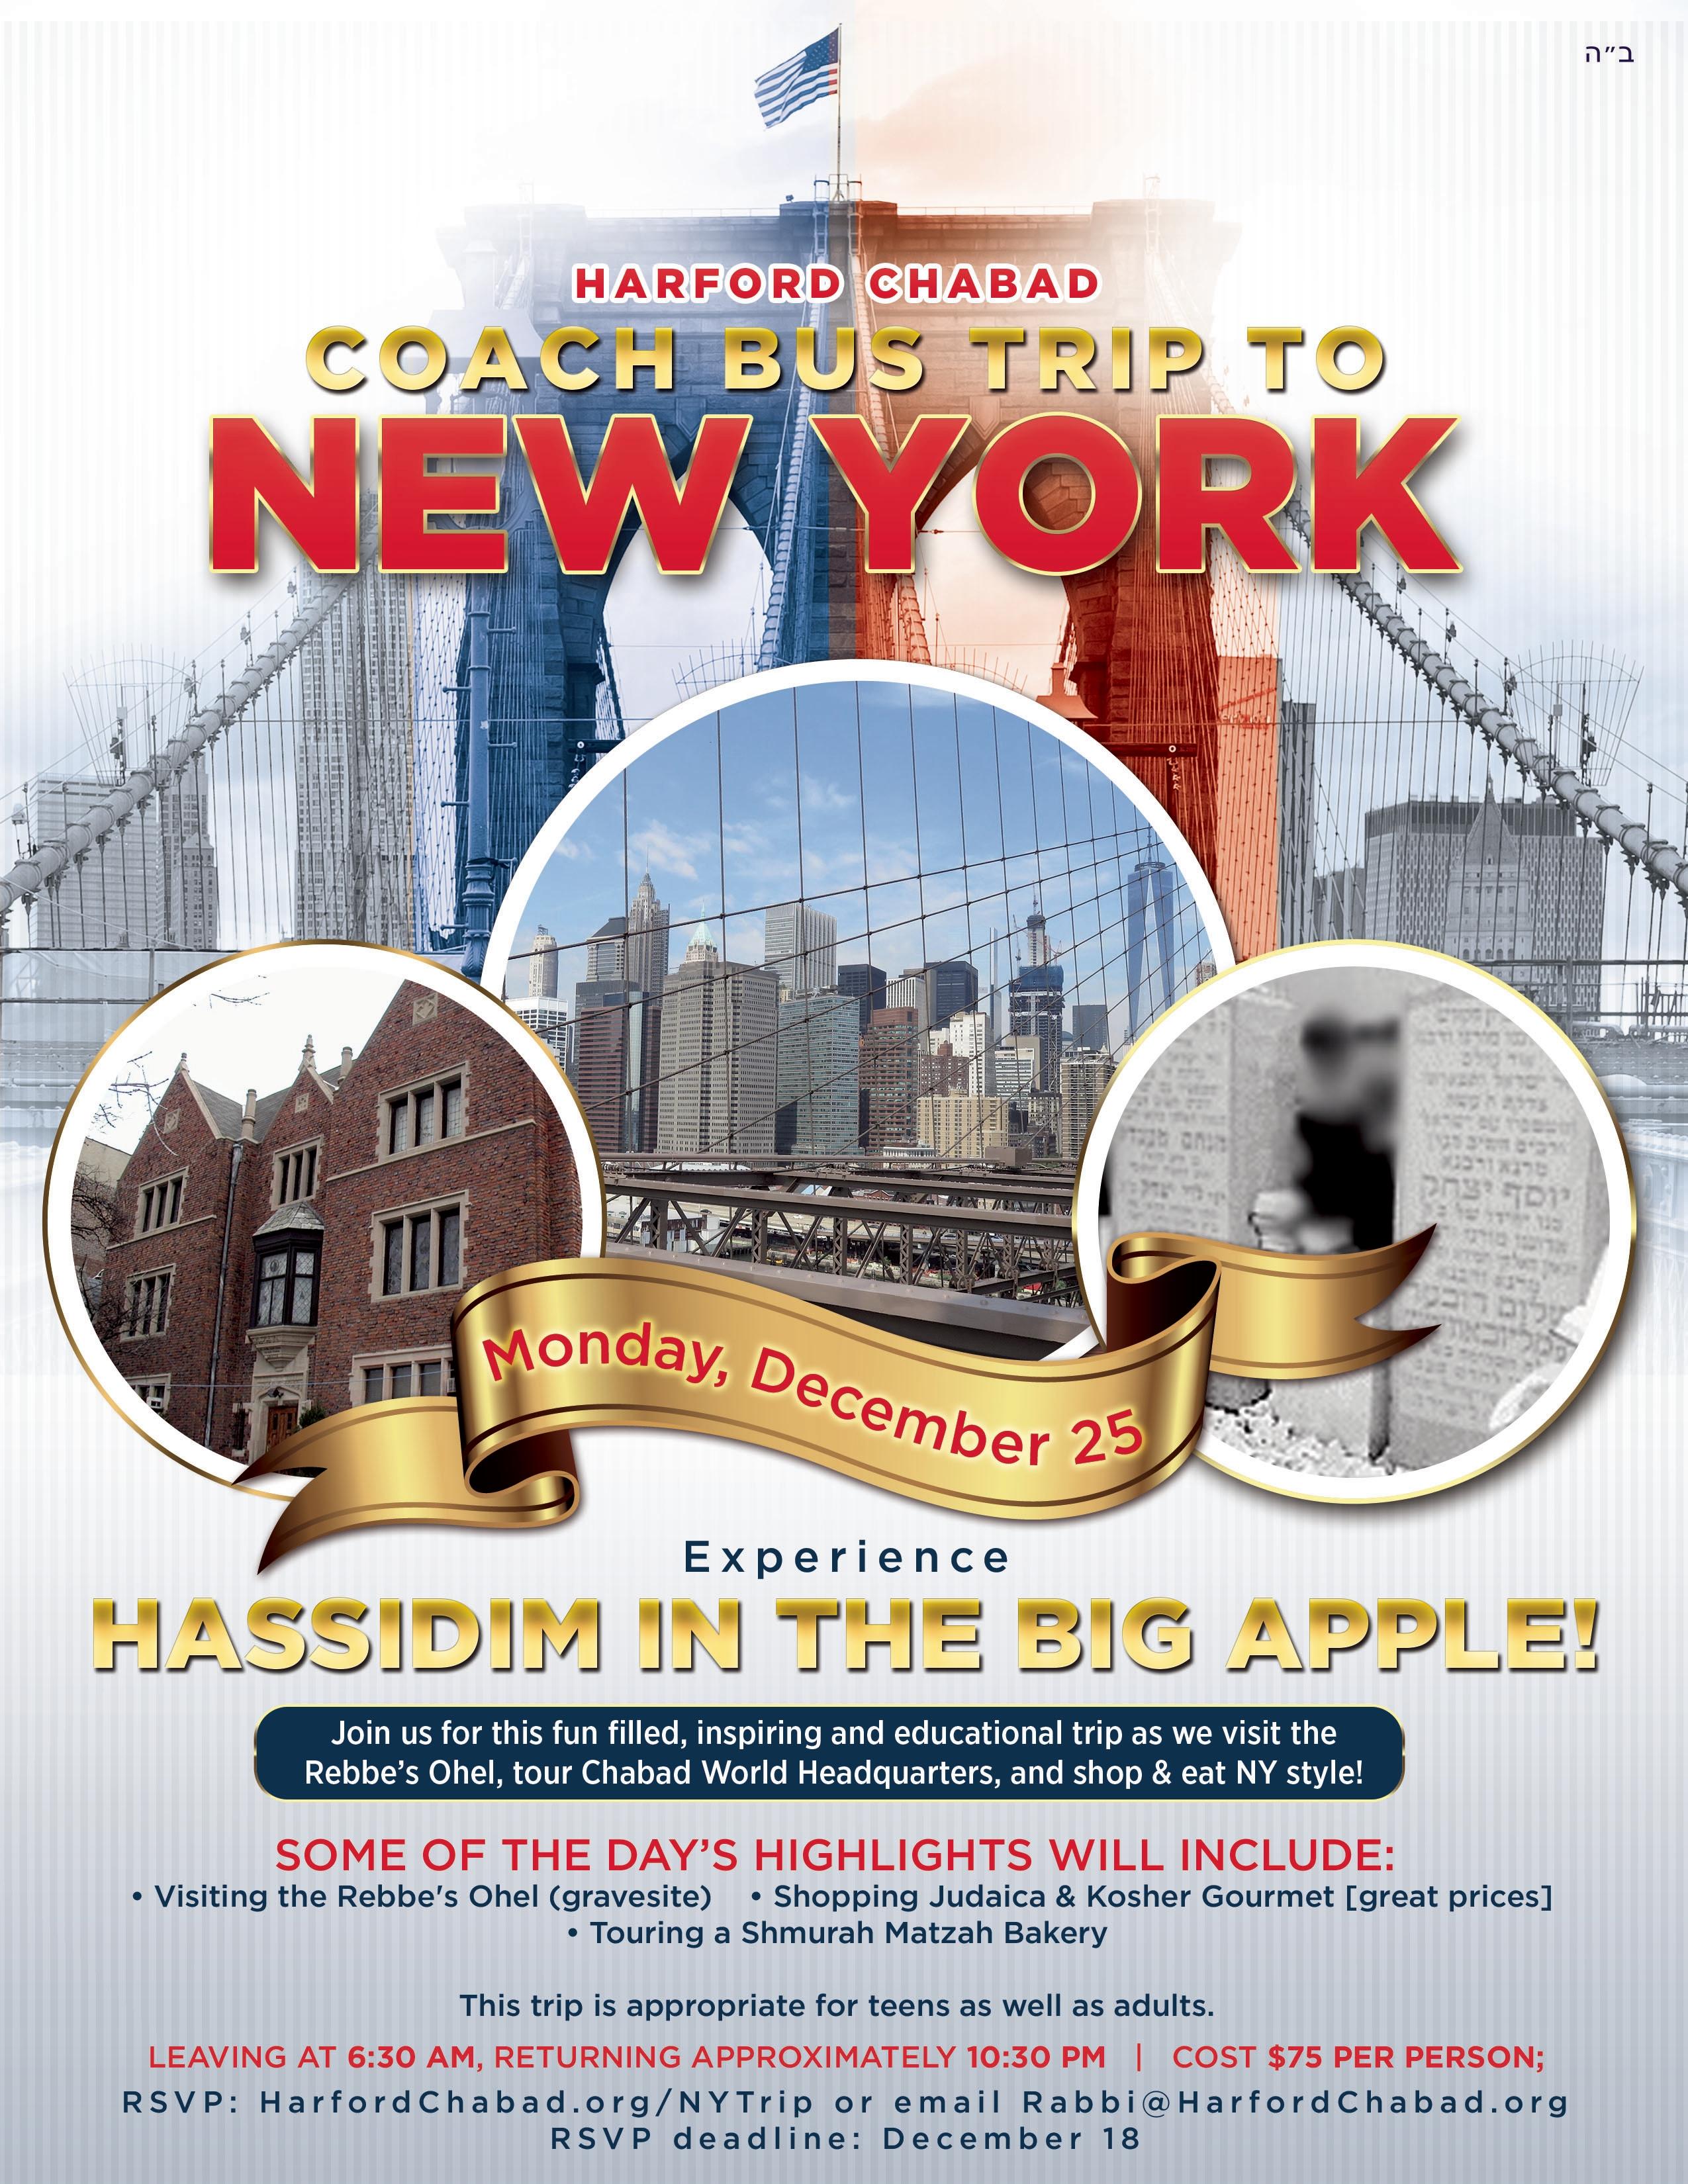 HarfordChabad_NY_Trip.jpg